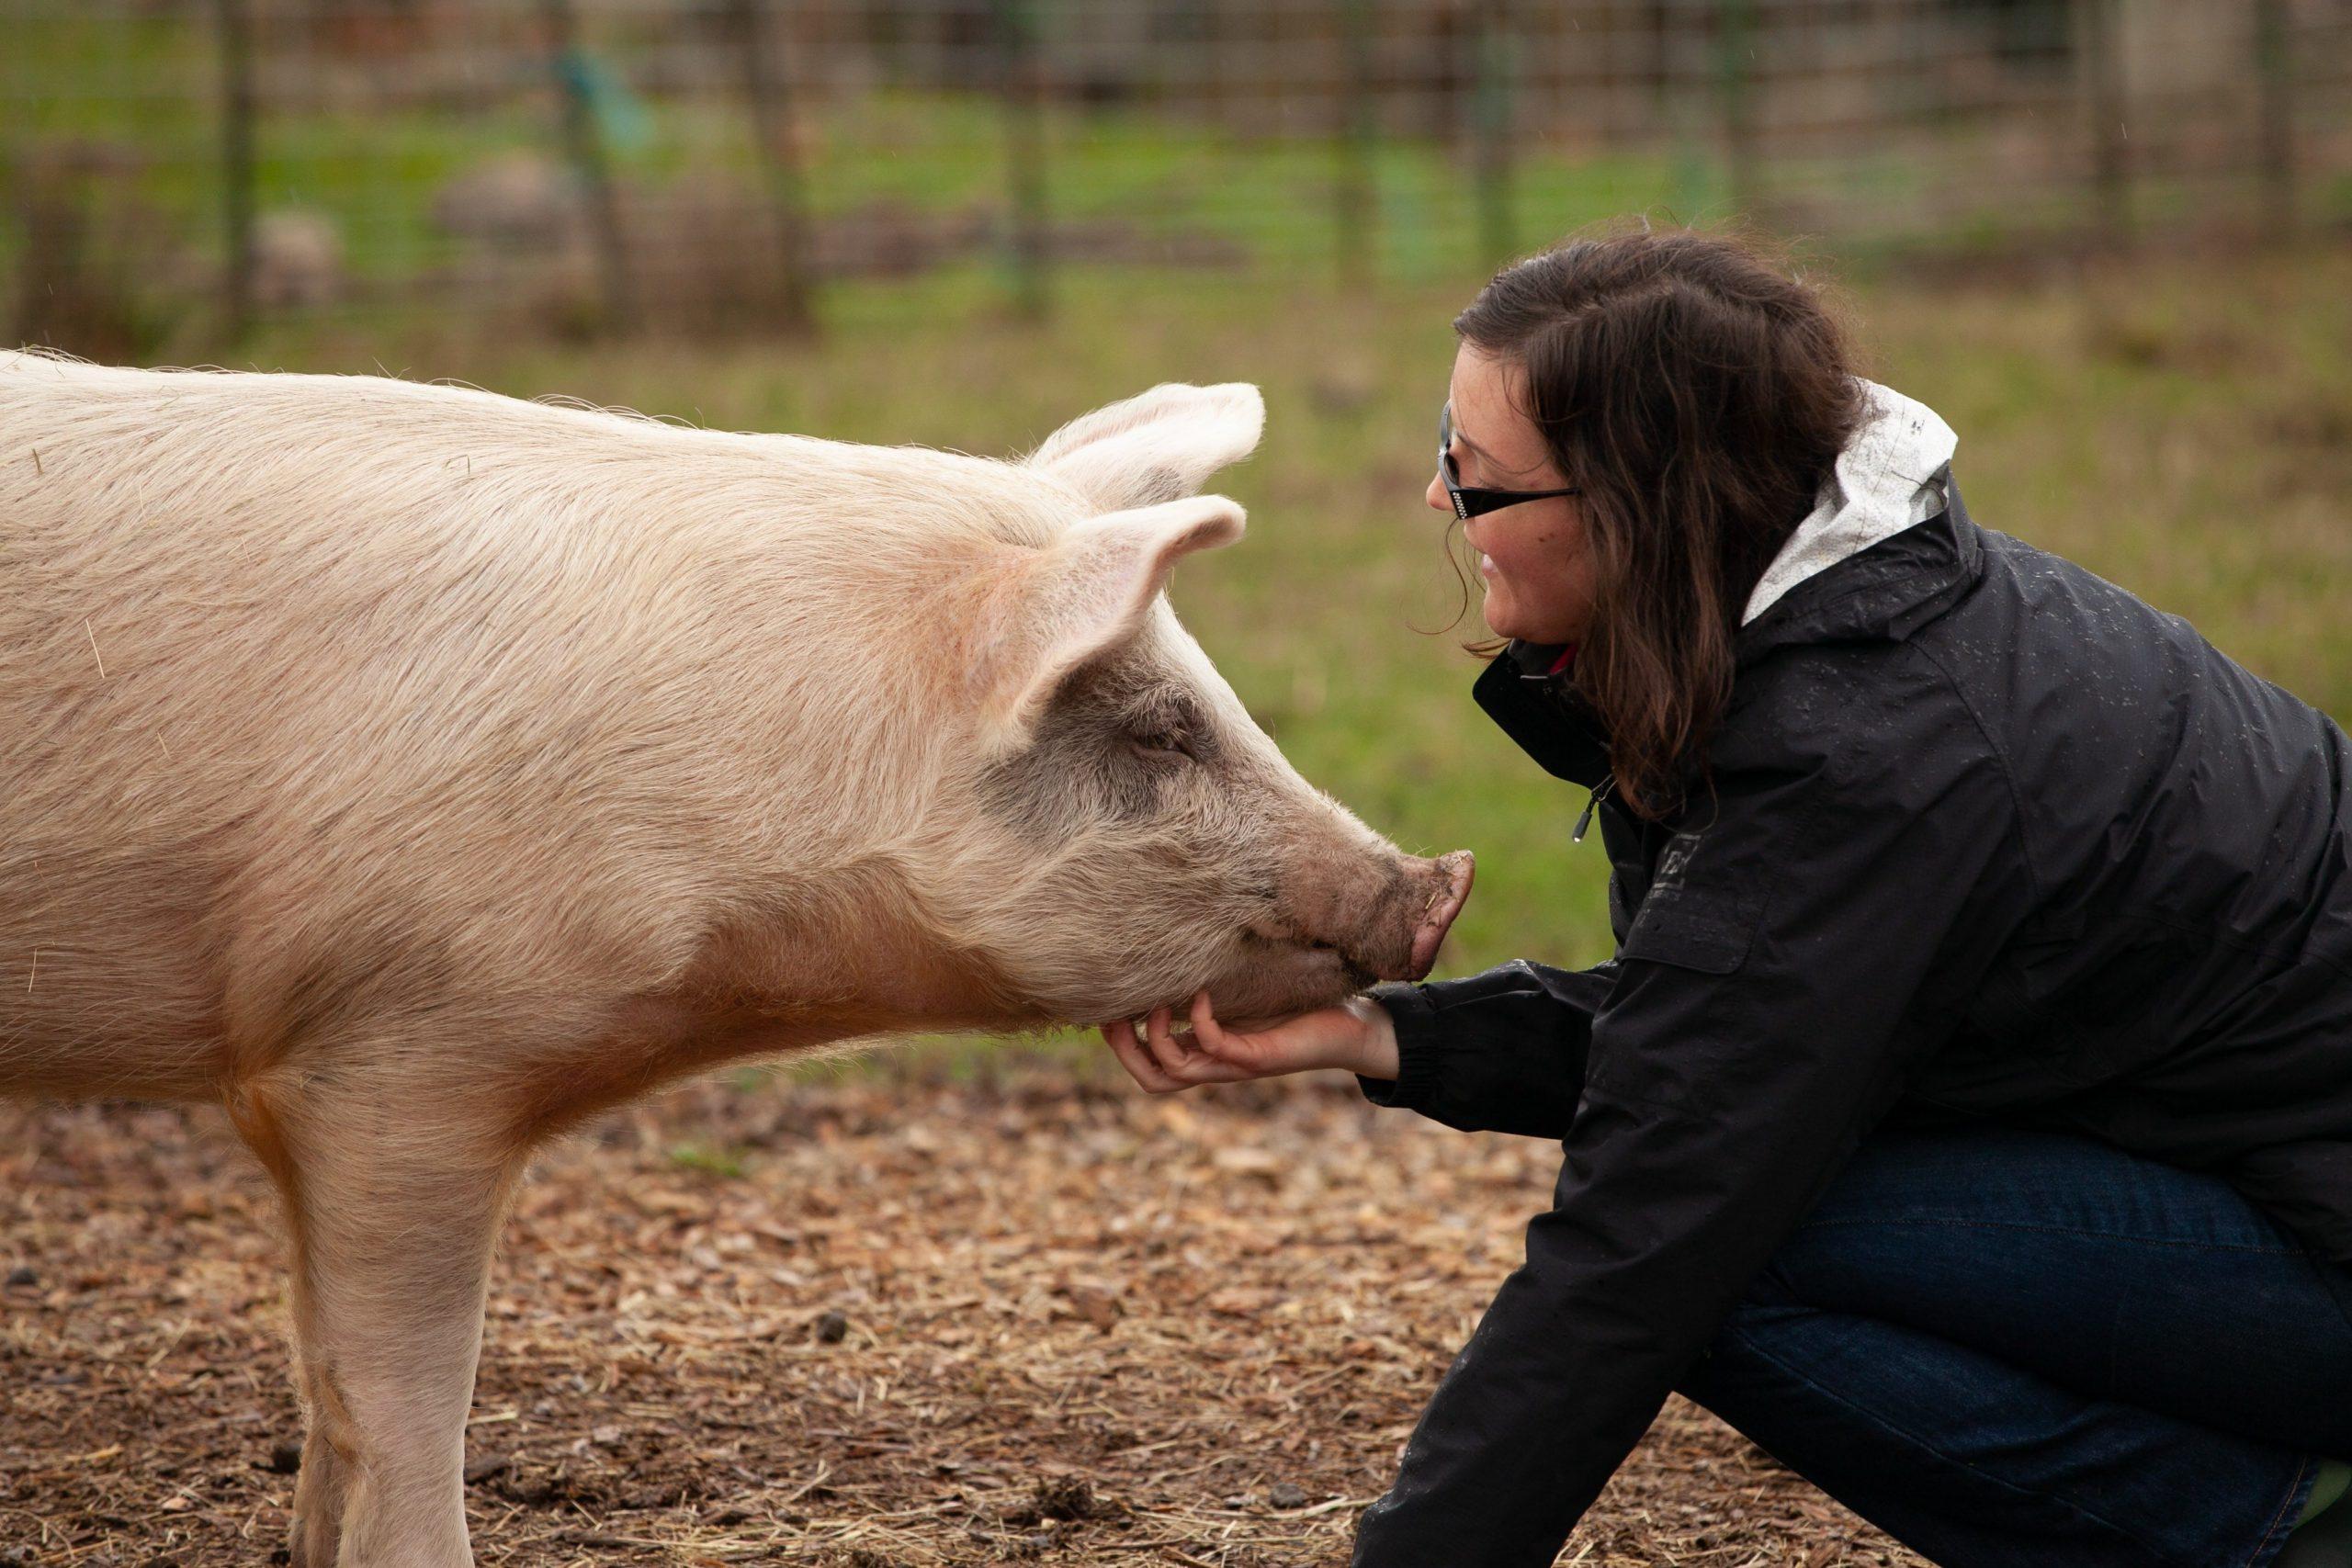 Frau streichelt ein Schwein